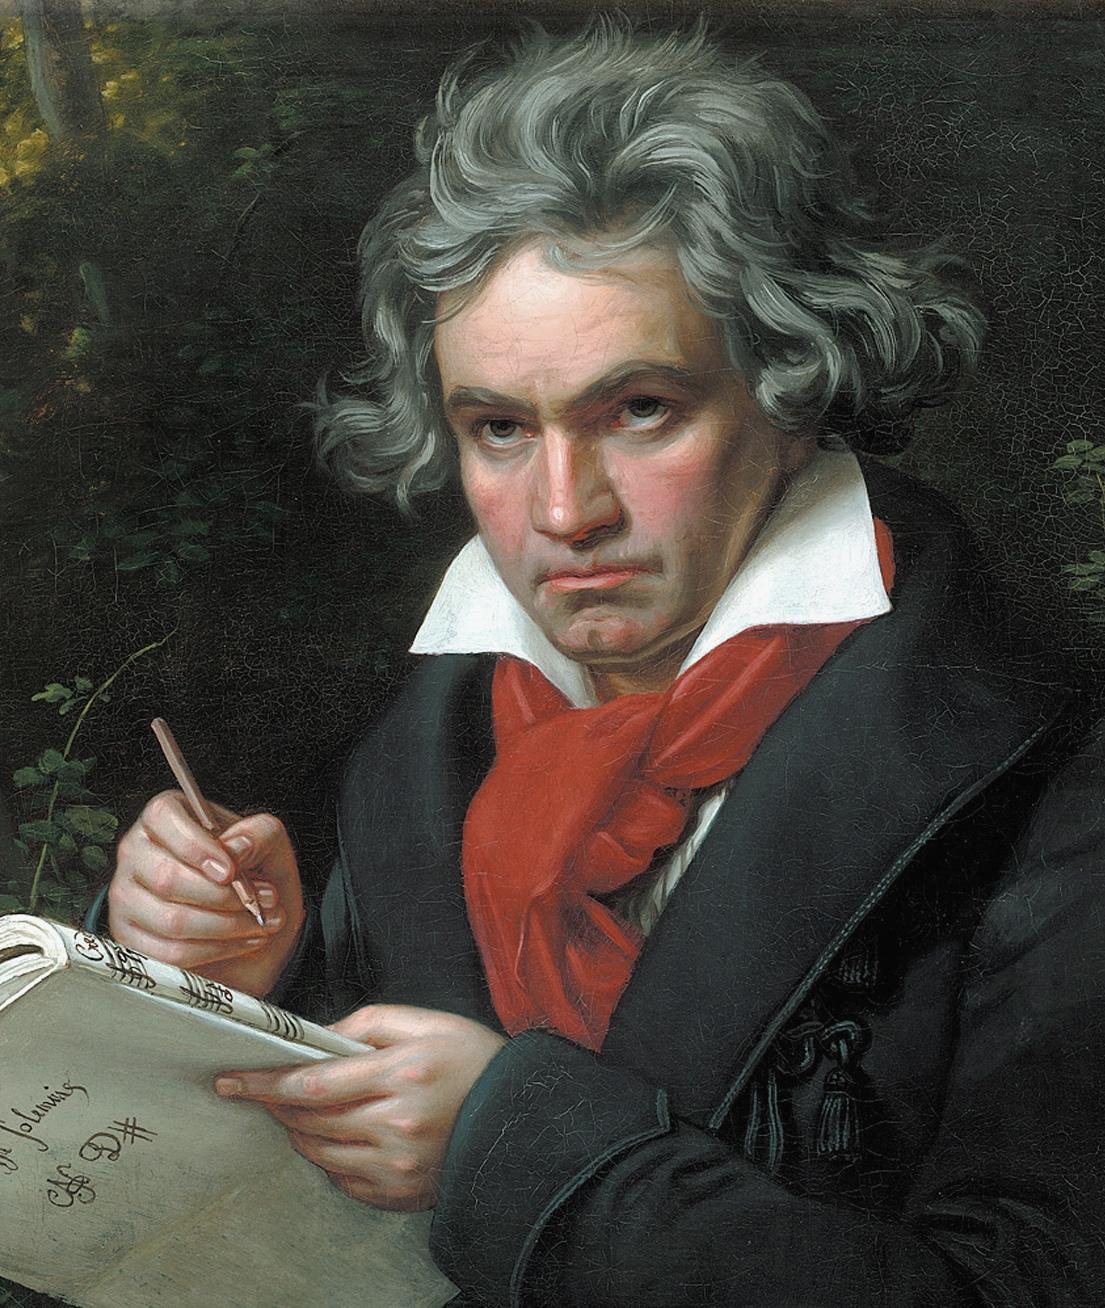 Ludwig van beethoven 1770 1827